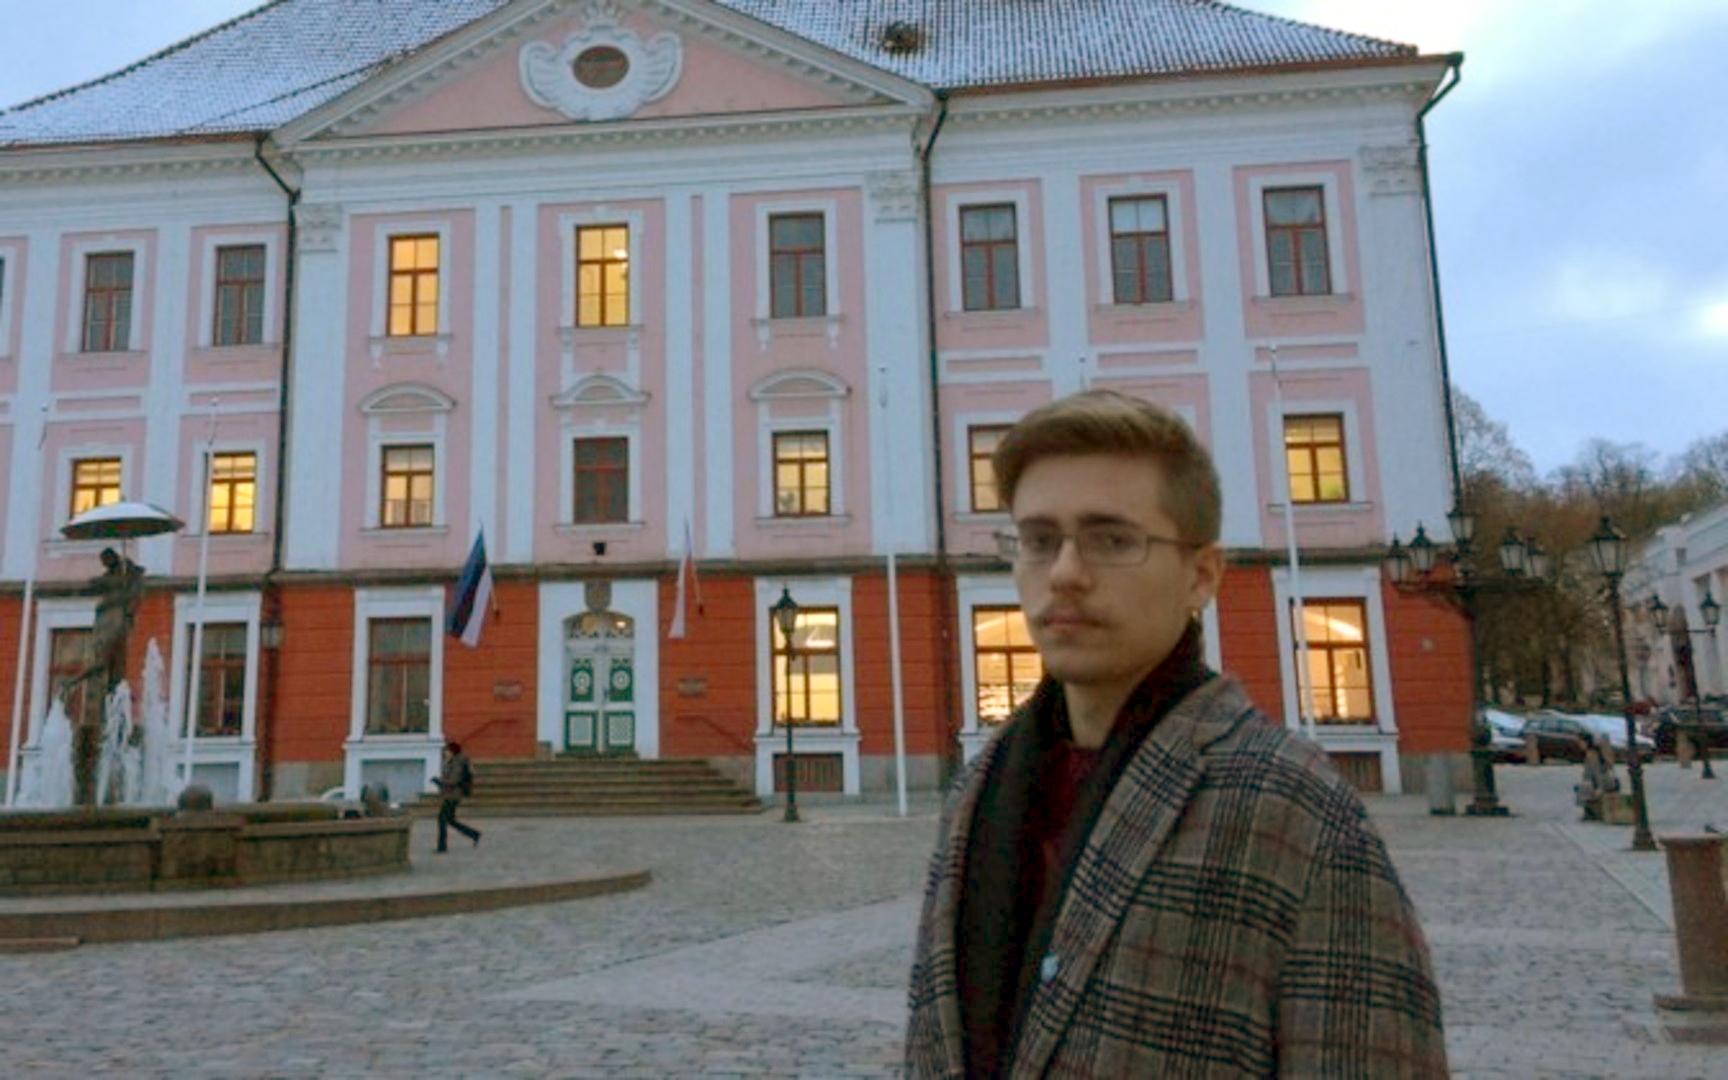 Fedor Stomakhin: Rahvus on kõige kindlam alus riiklike süsteemide loomiseks